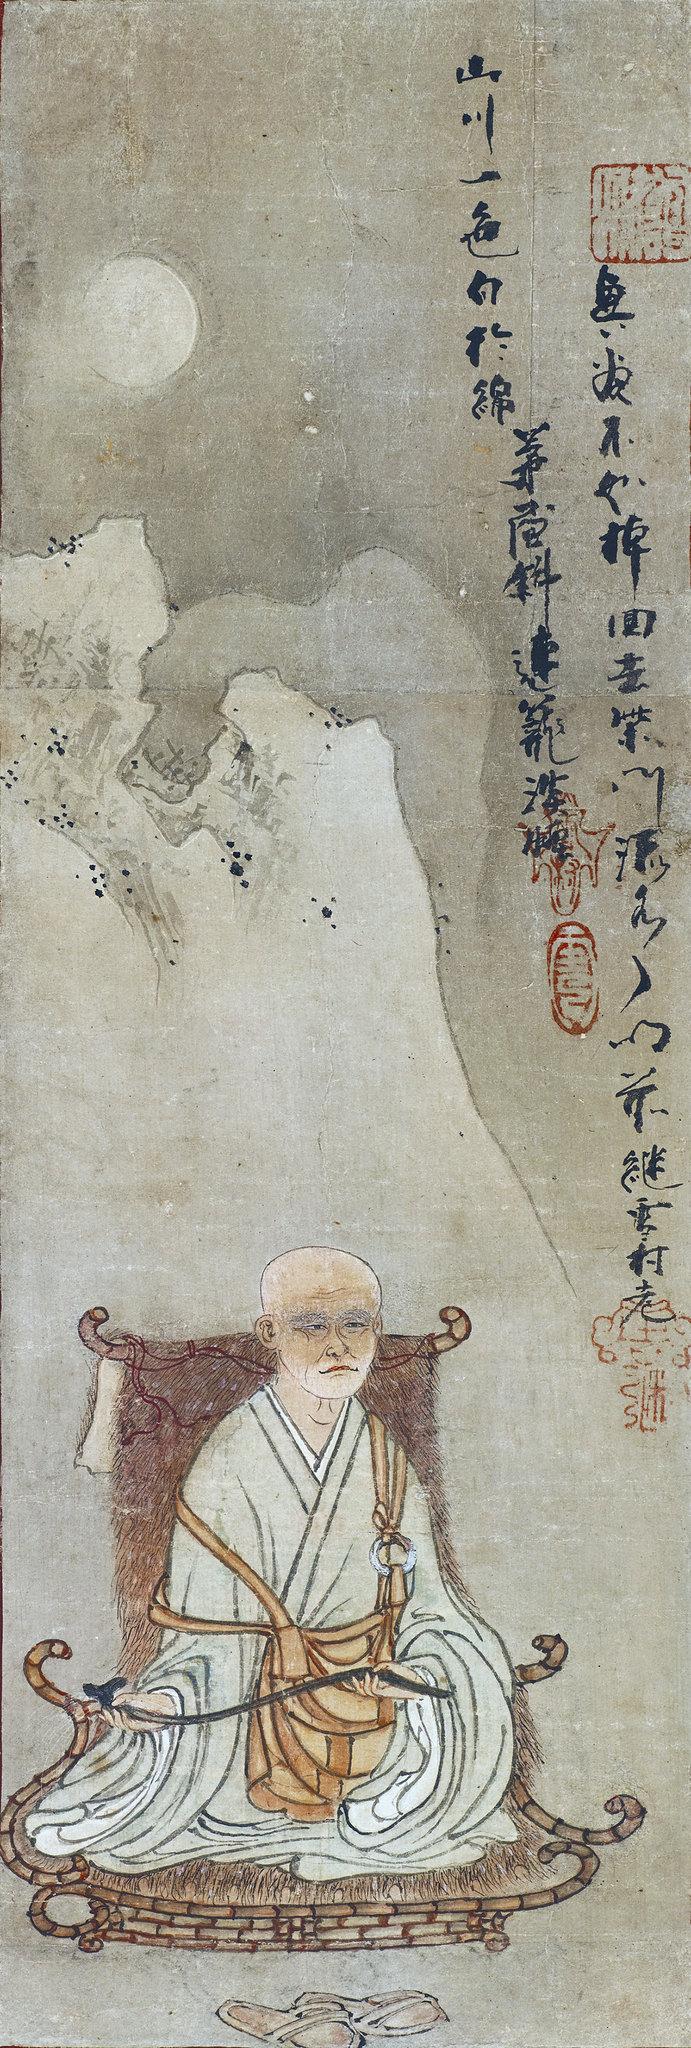 重要文化財《自画像》(室町時代、奈良・大和文華館)